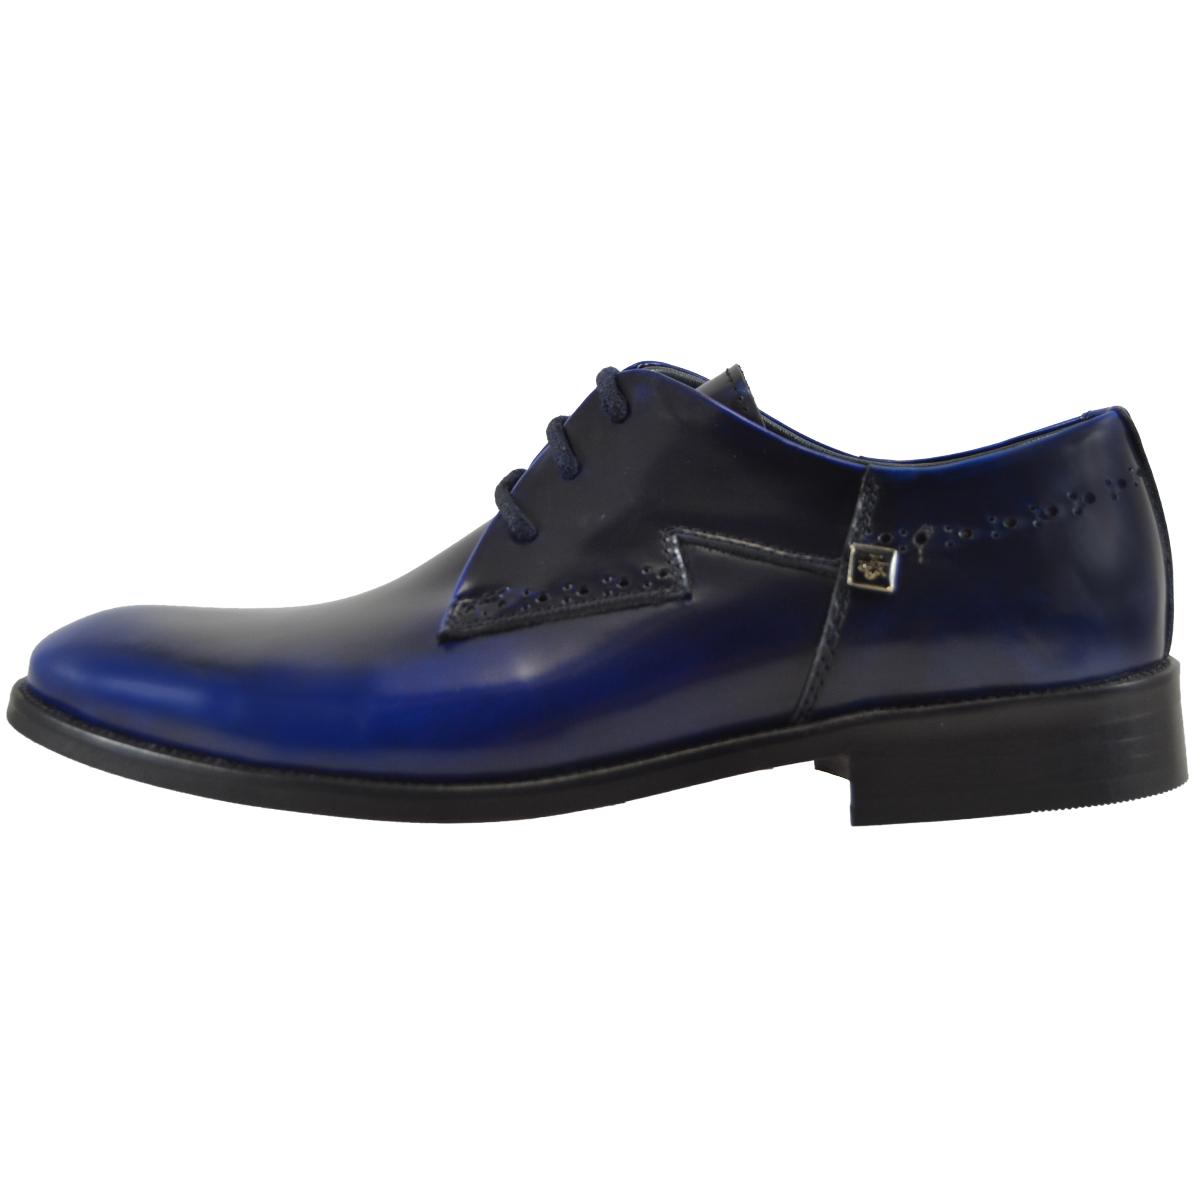 کفش مردانه کد 238             , خرید اینترنتی